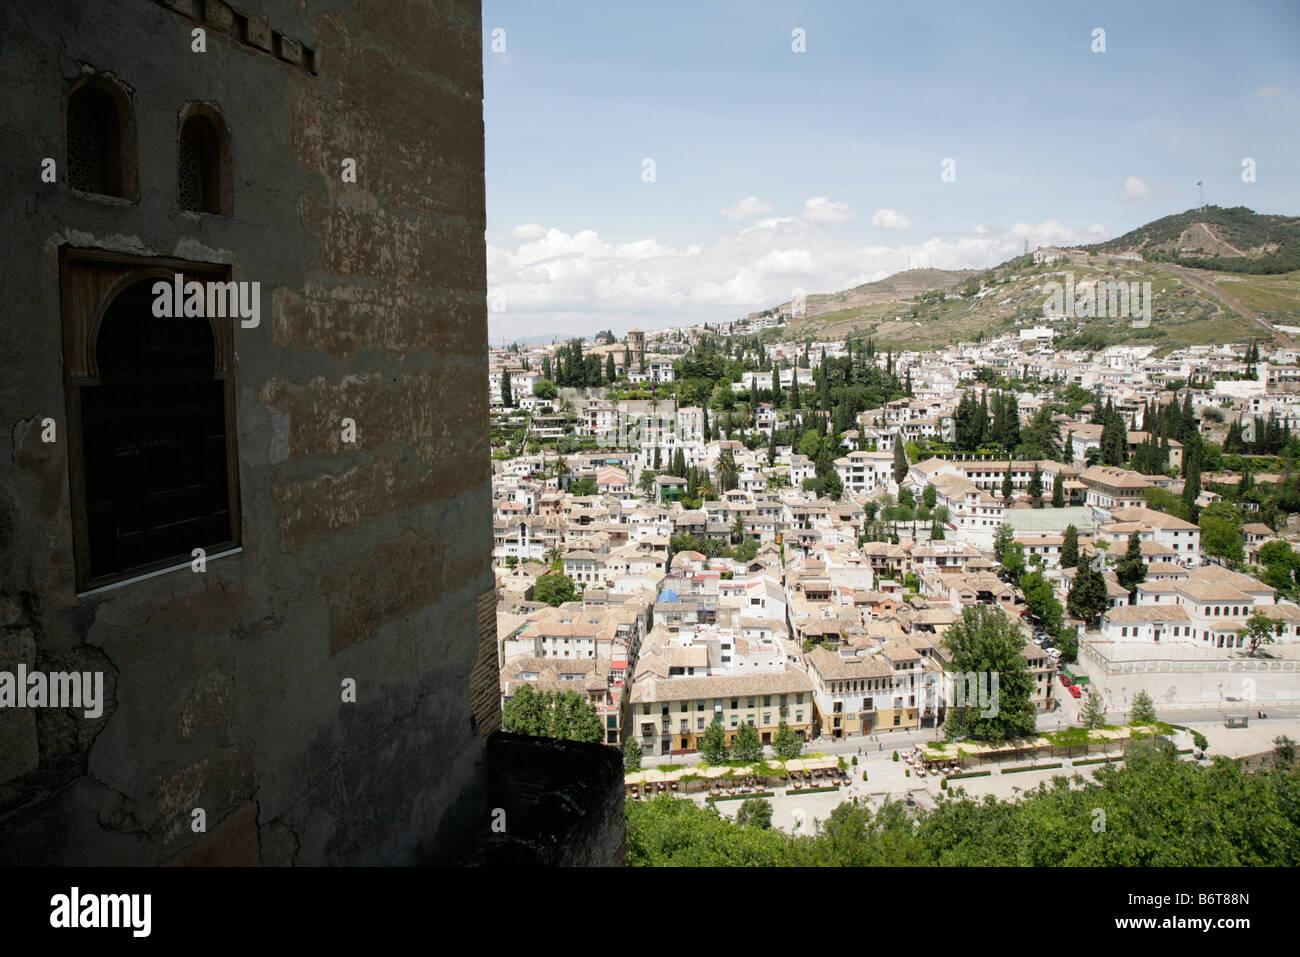 View of the El Albaicín, old Moorish quarter of Granada city, from